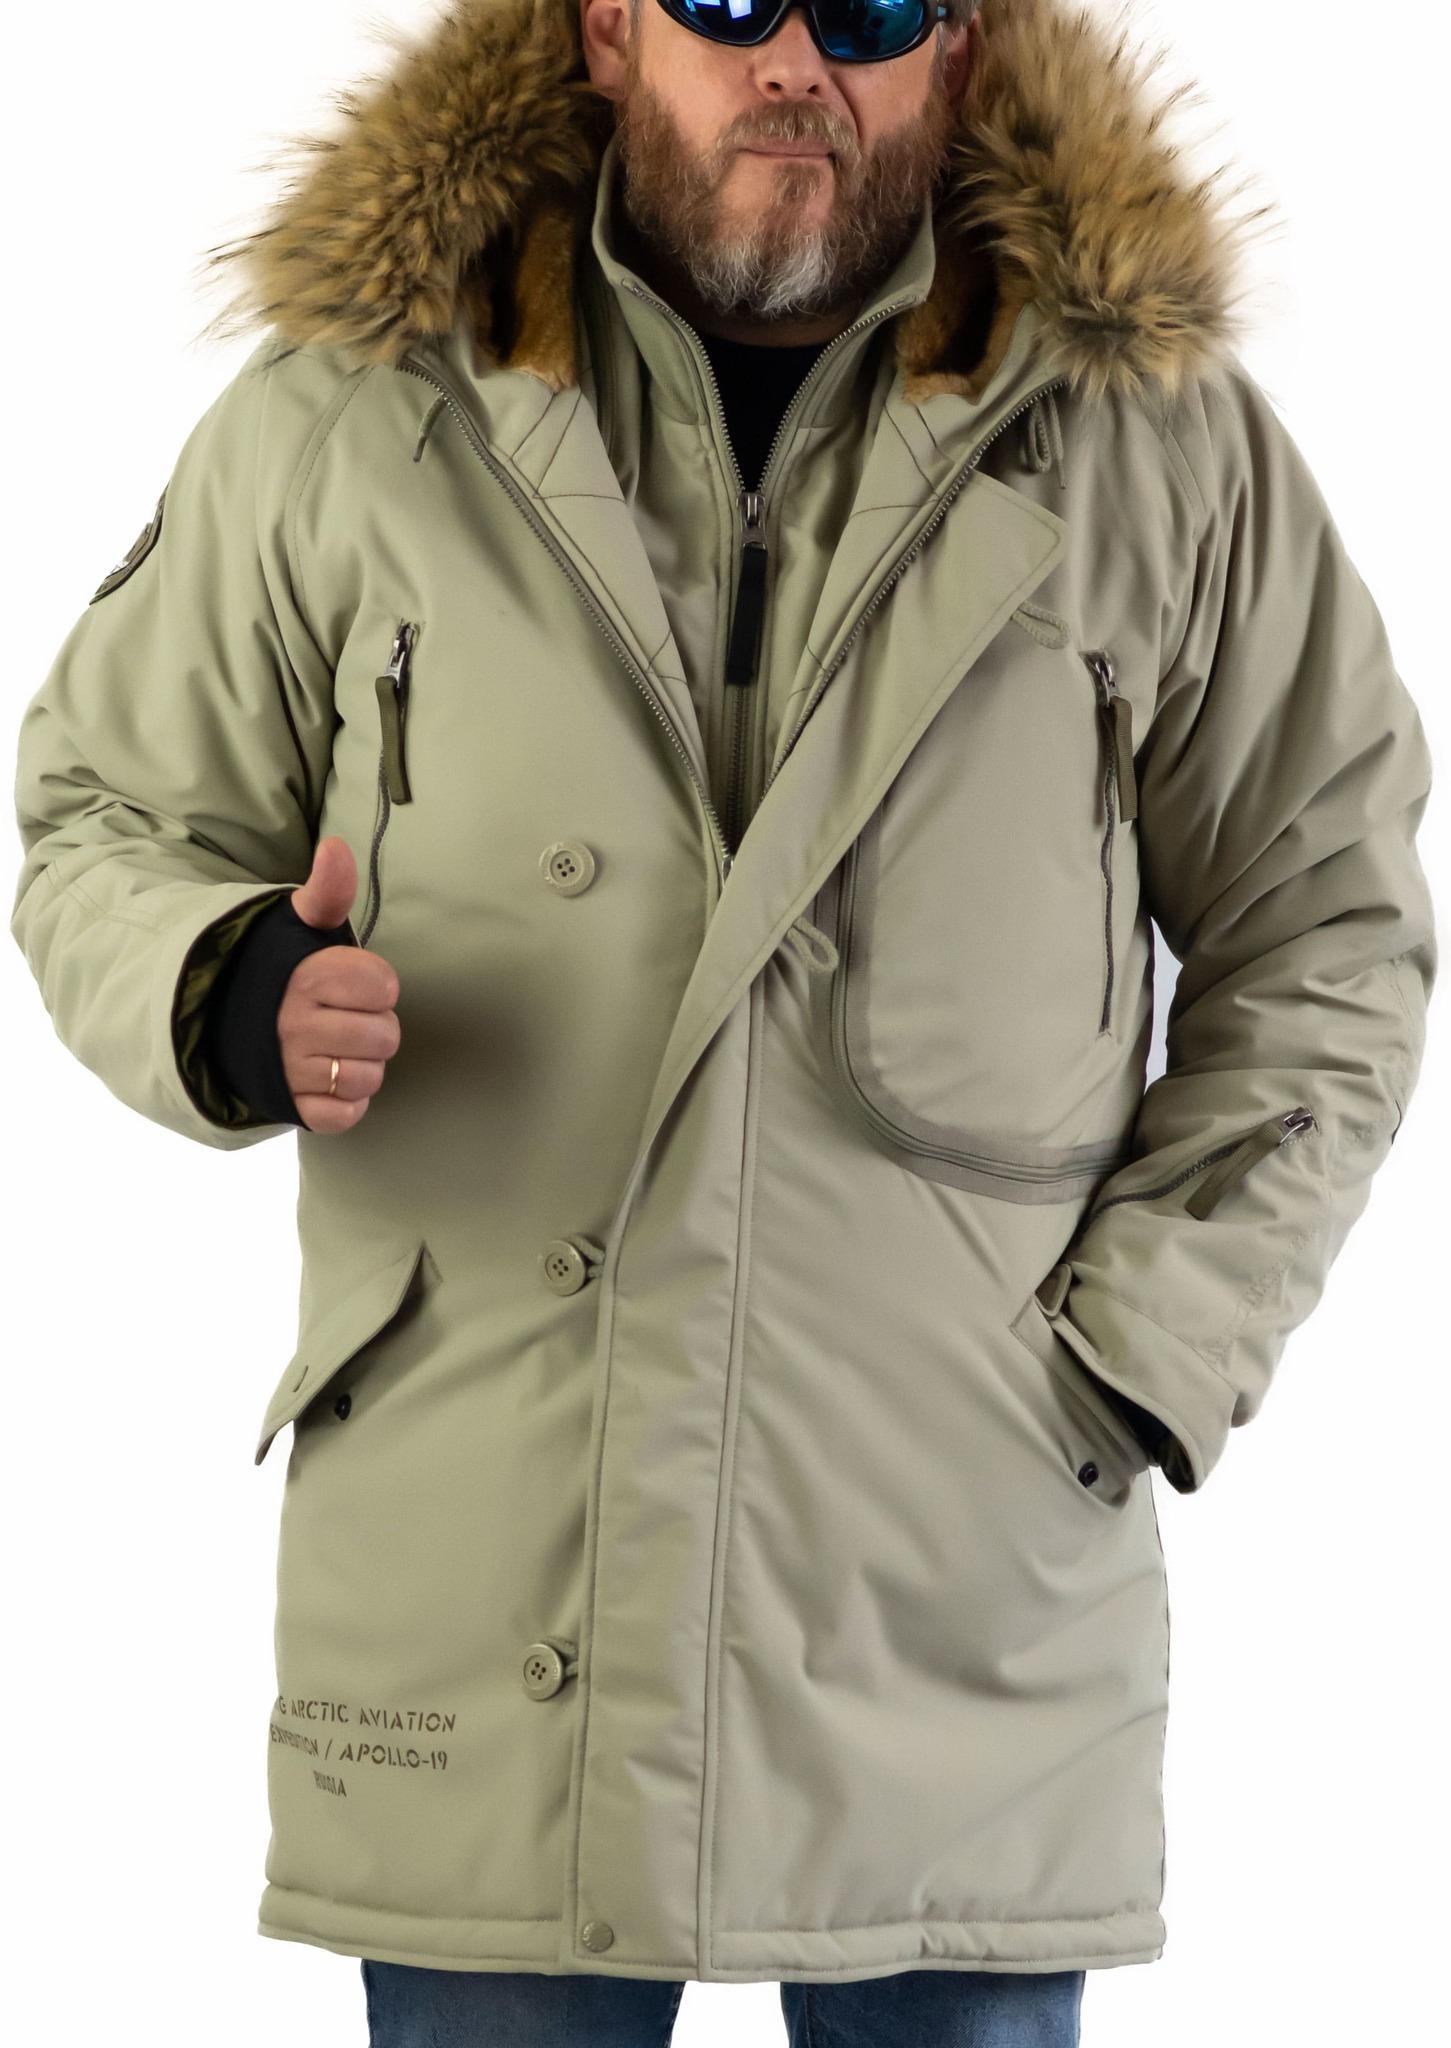 Куртка Аляска  Apolloget Expedition 2019 (хаки - silver green/olive)